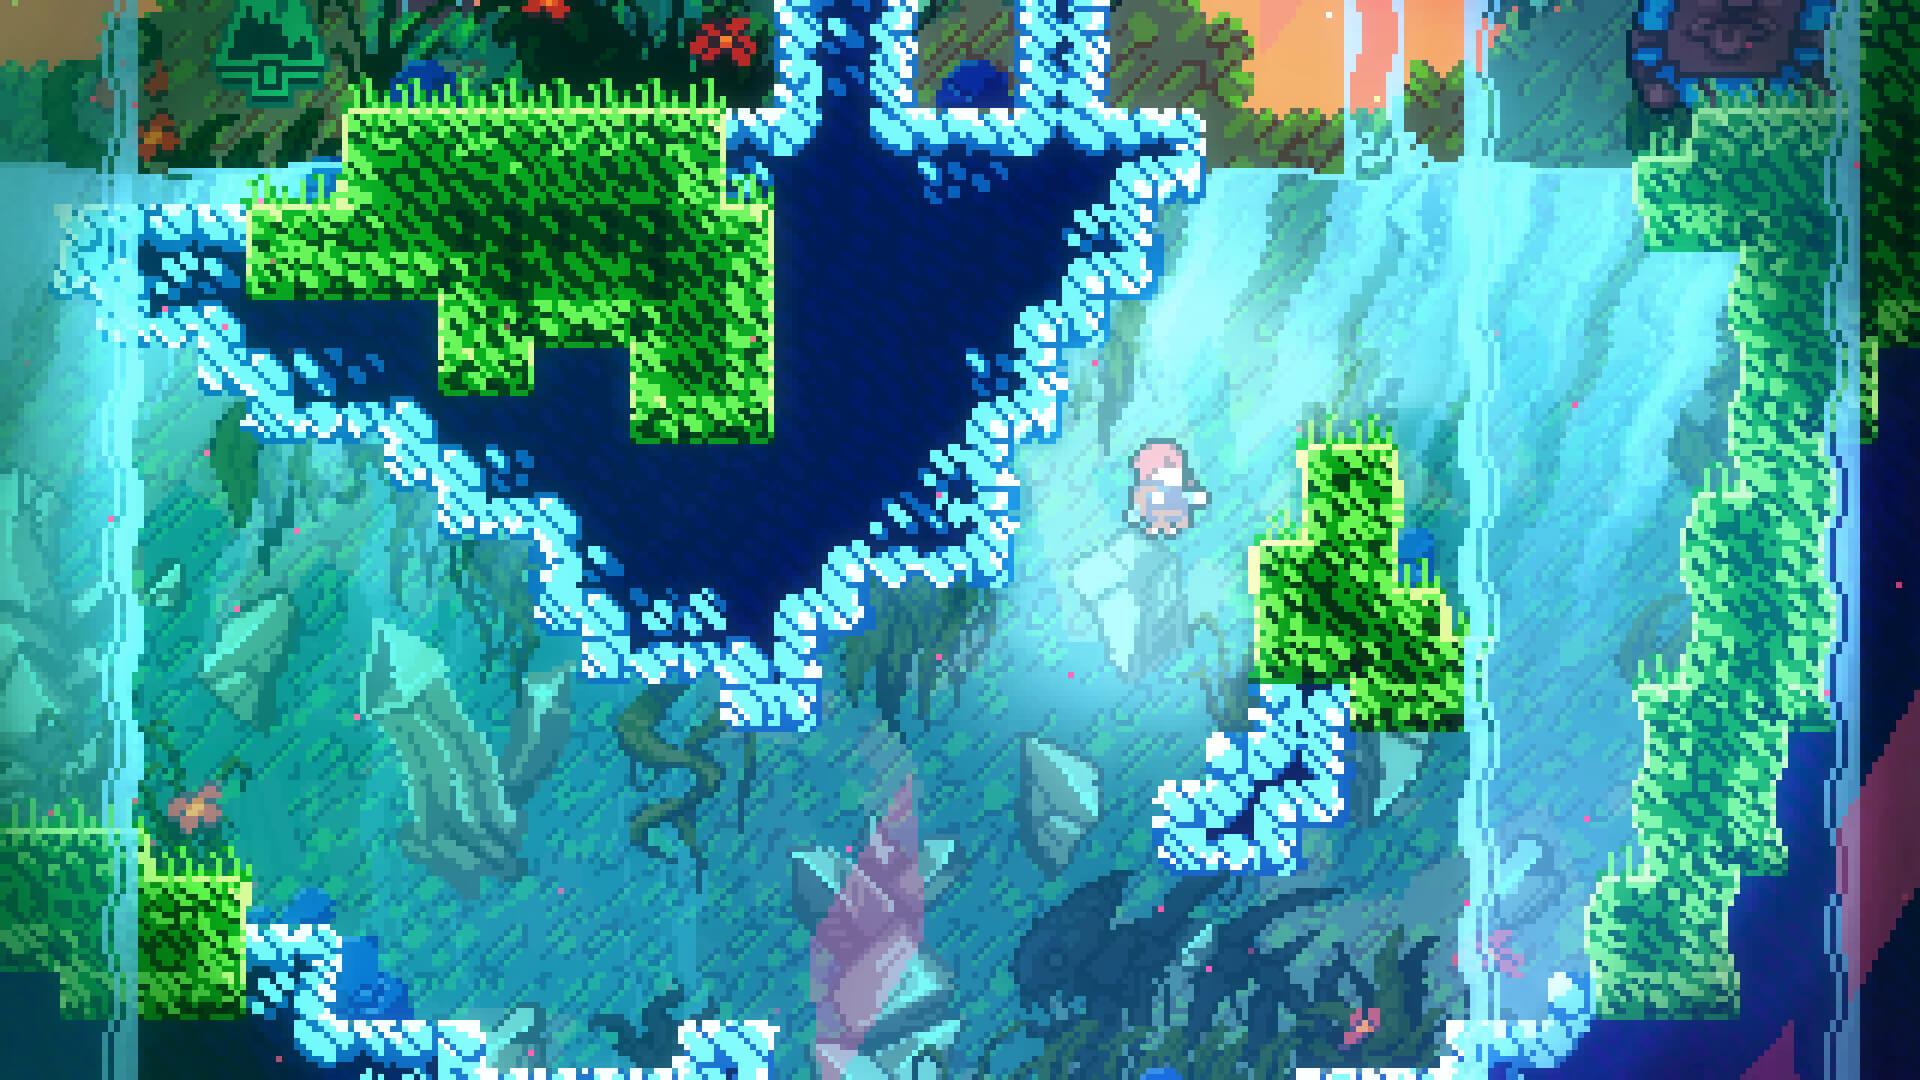 A frame from the popular game Celeste | Matt Makes Games | Celeste | STIRworld